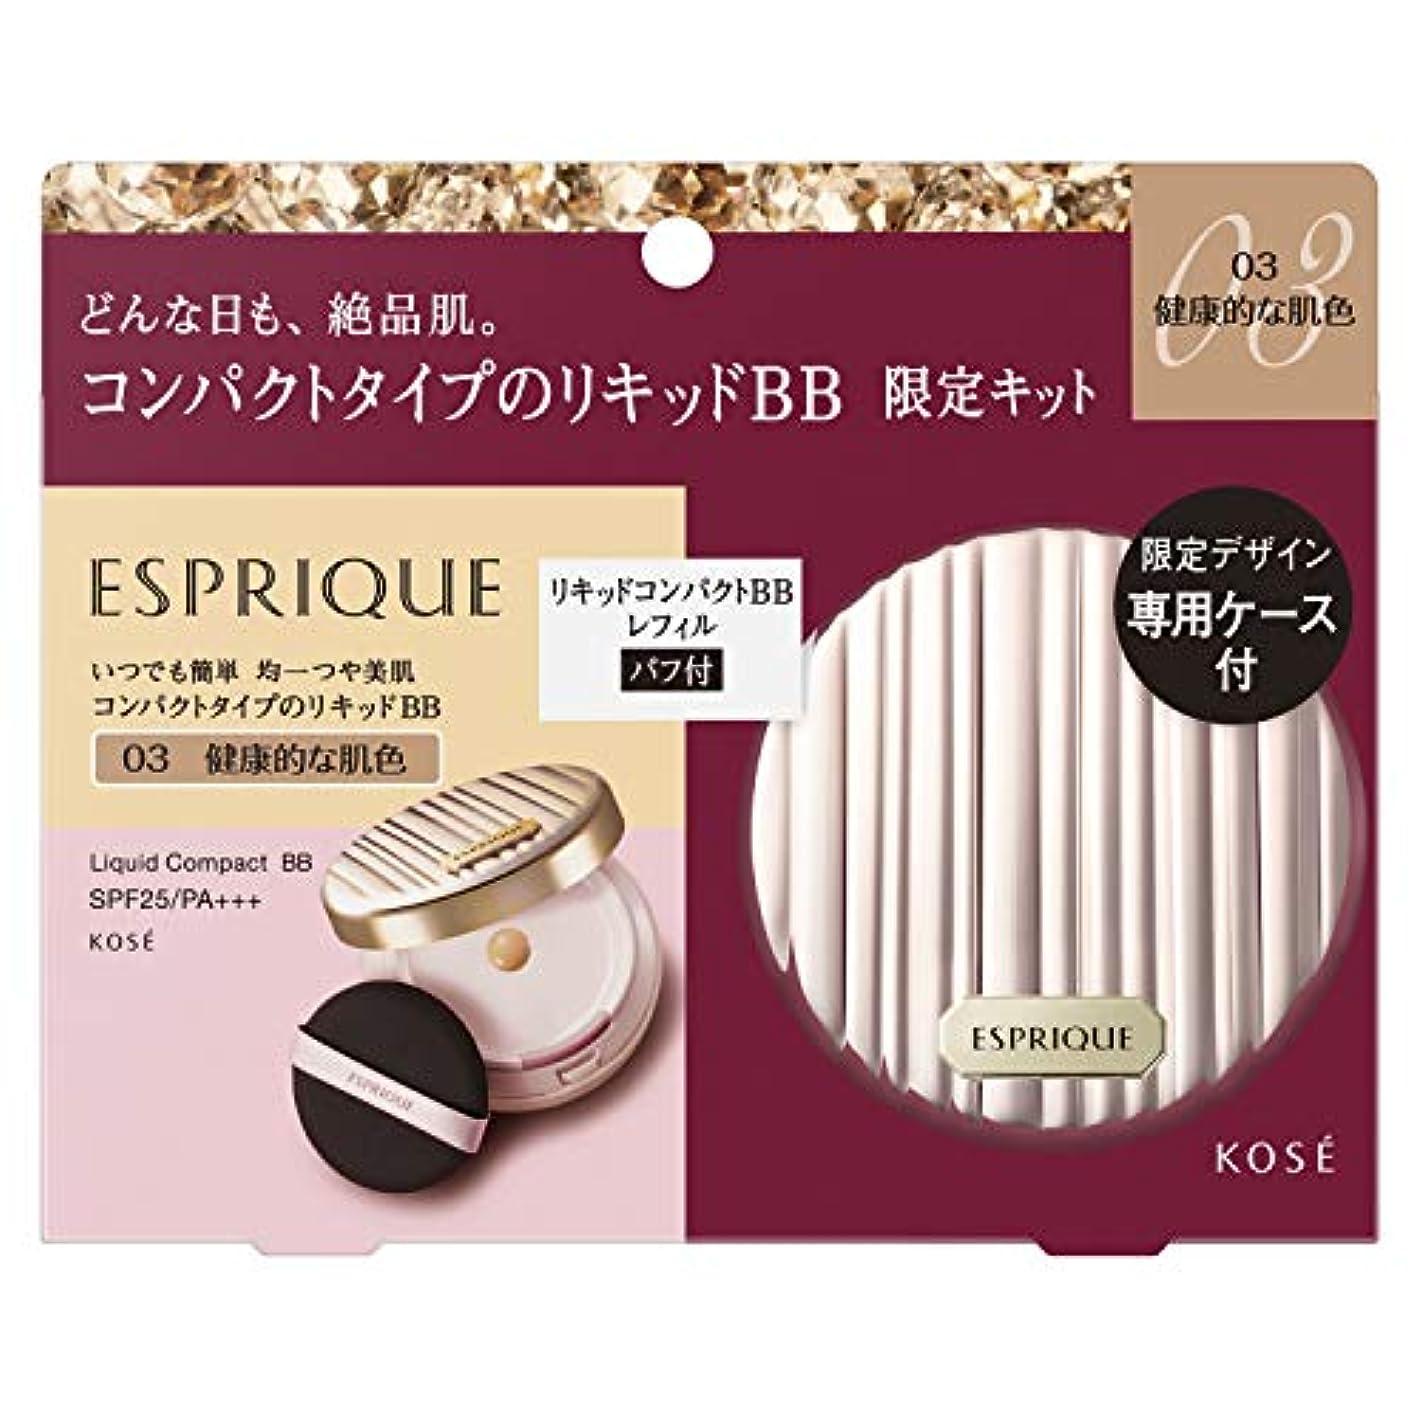 新鮮な変える時計エスプリーク リキッド コンパクト BB 限定キット 2 03 健康的な肌色